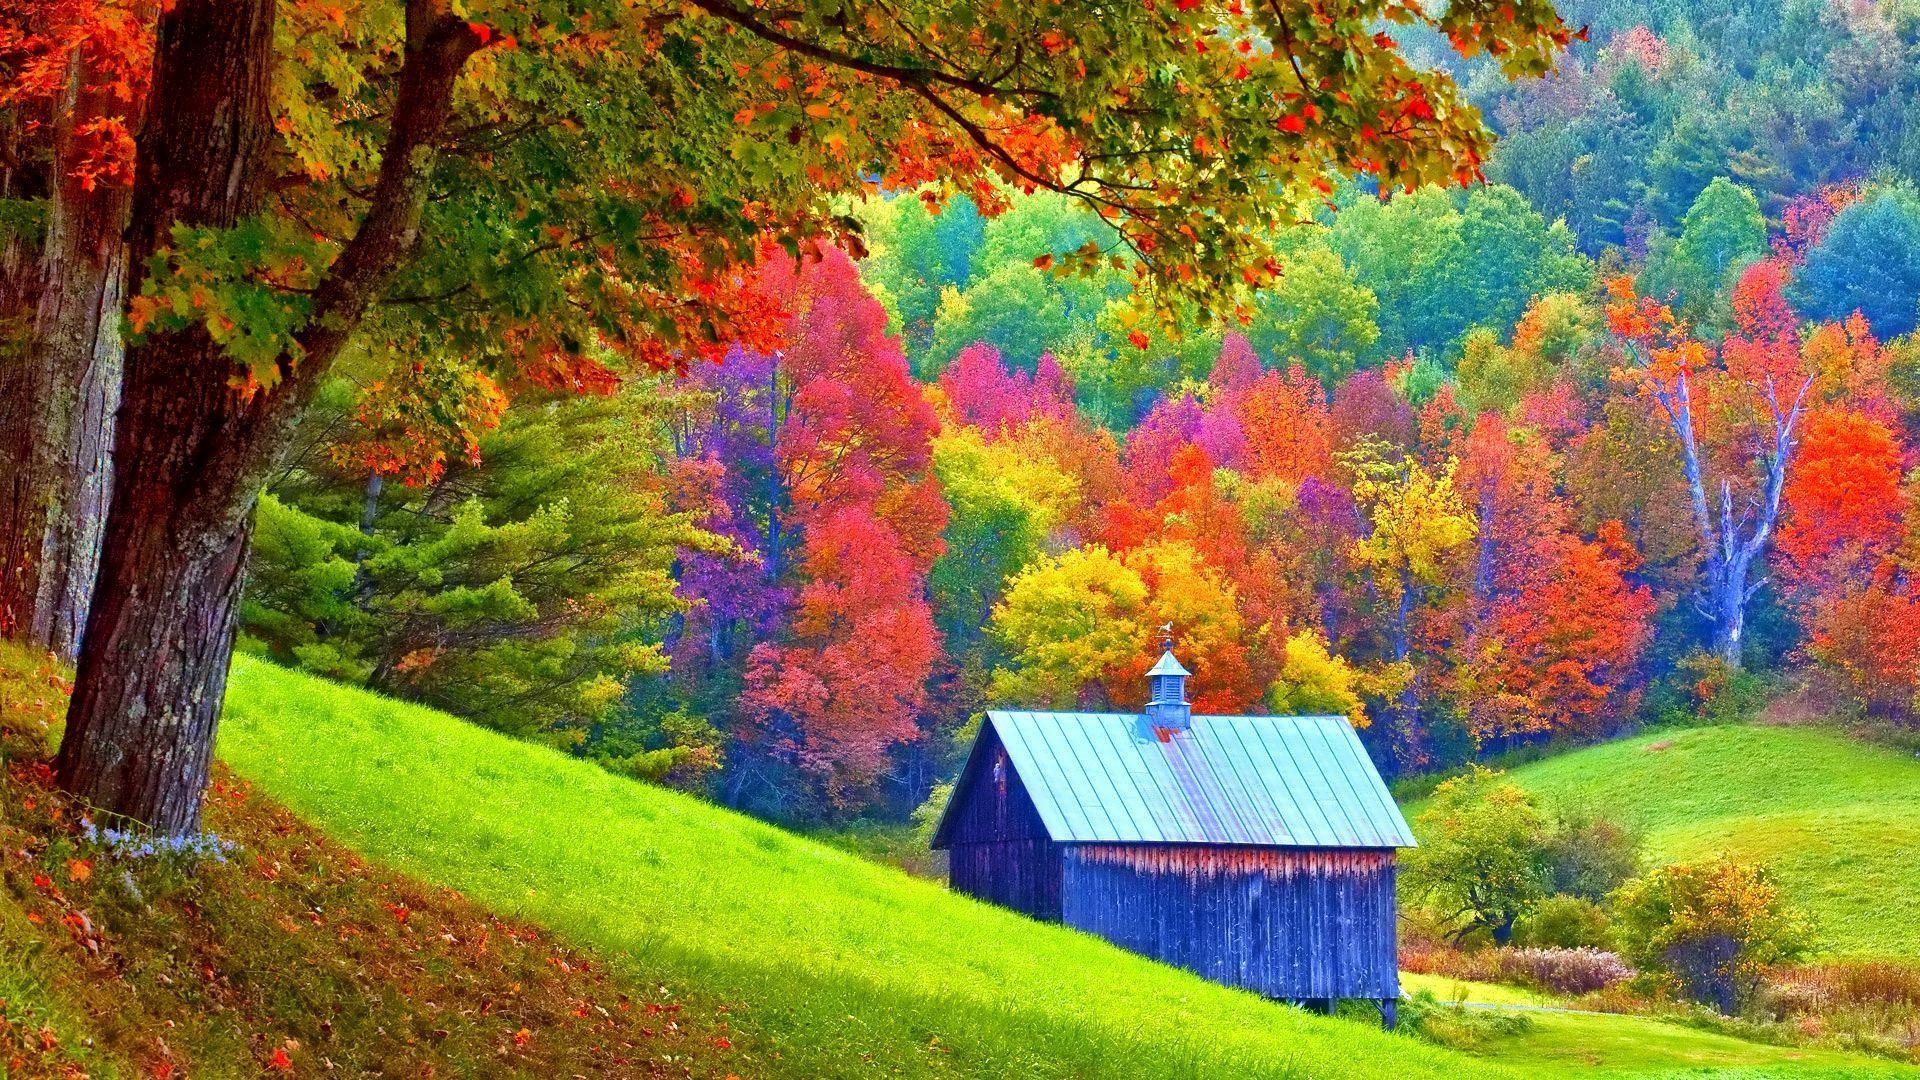 Fondos oto o wallpapers autumn fondos de pantalla de oto o for Imagenes bonitas para fondo de pantalla